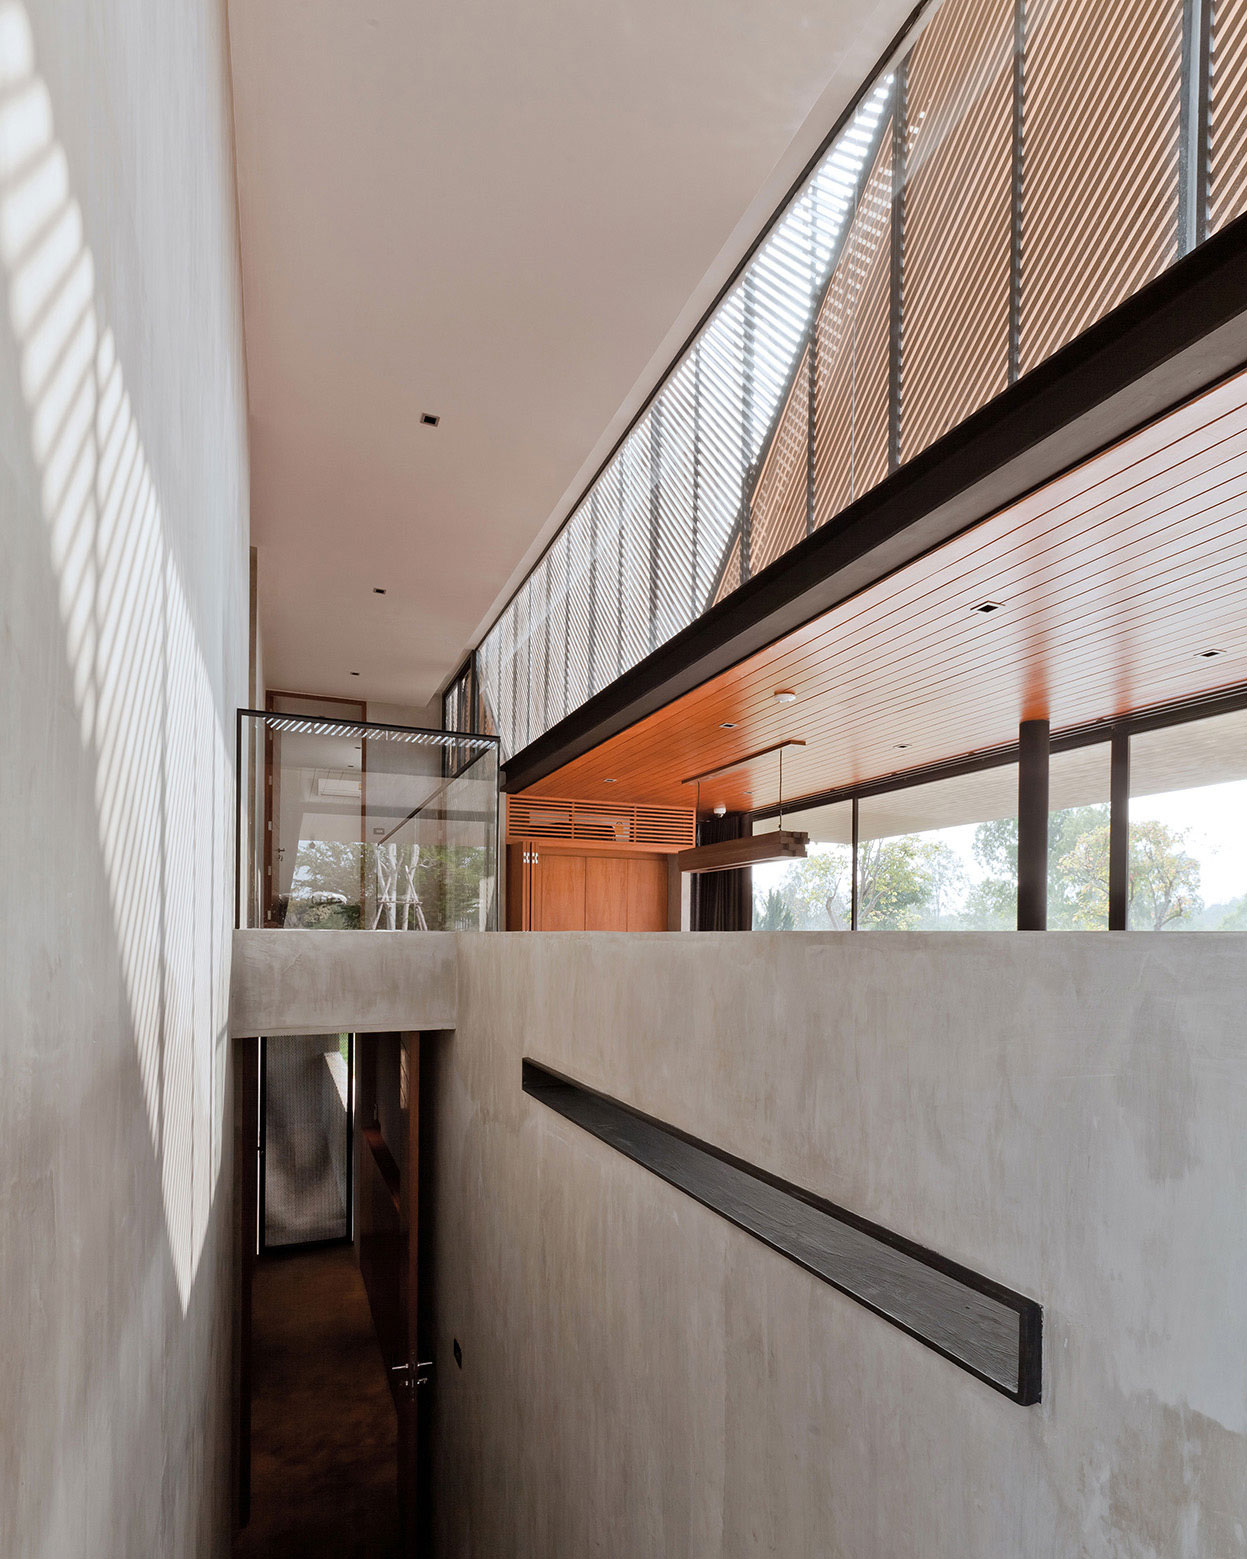 interior details